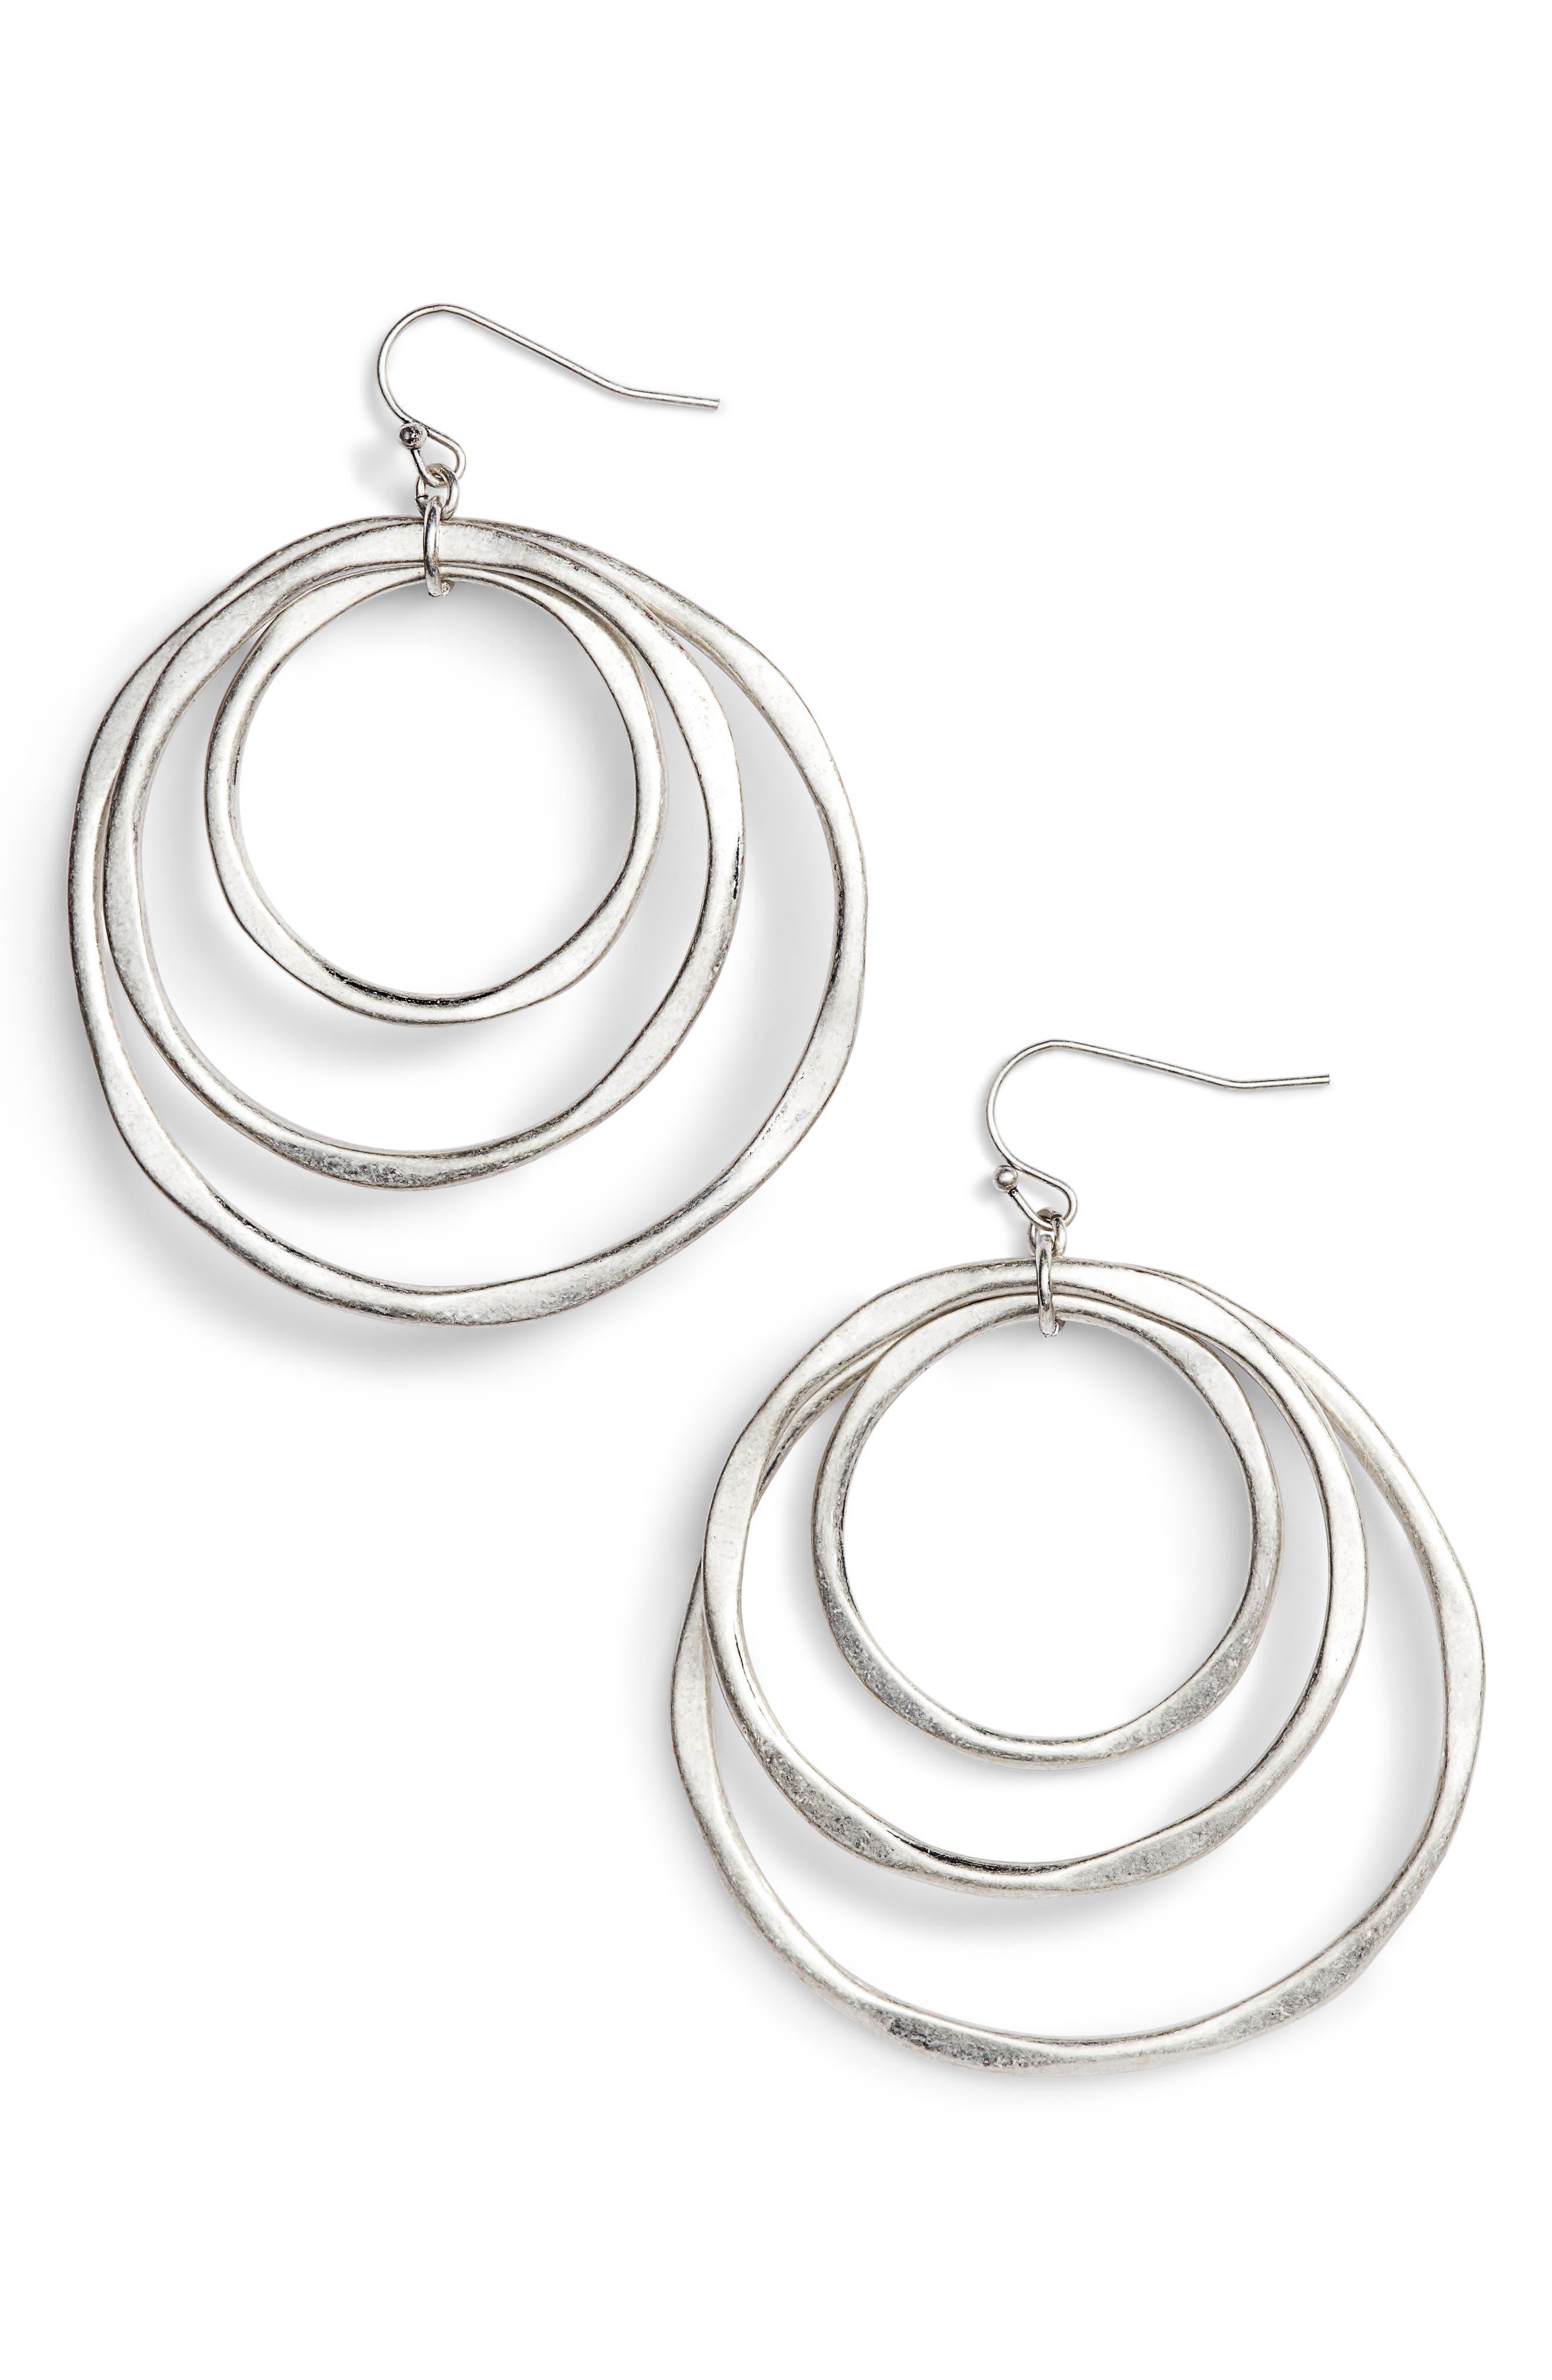 Main Image - Treasure & Bond Triple Orbit Hoop Earrings